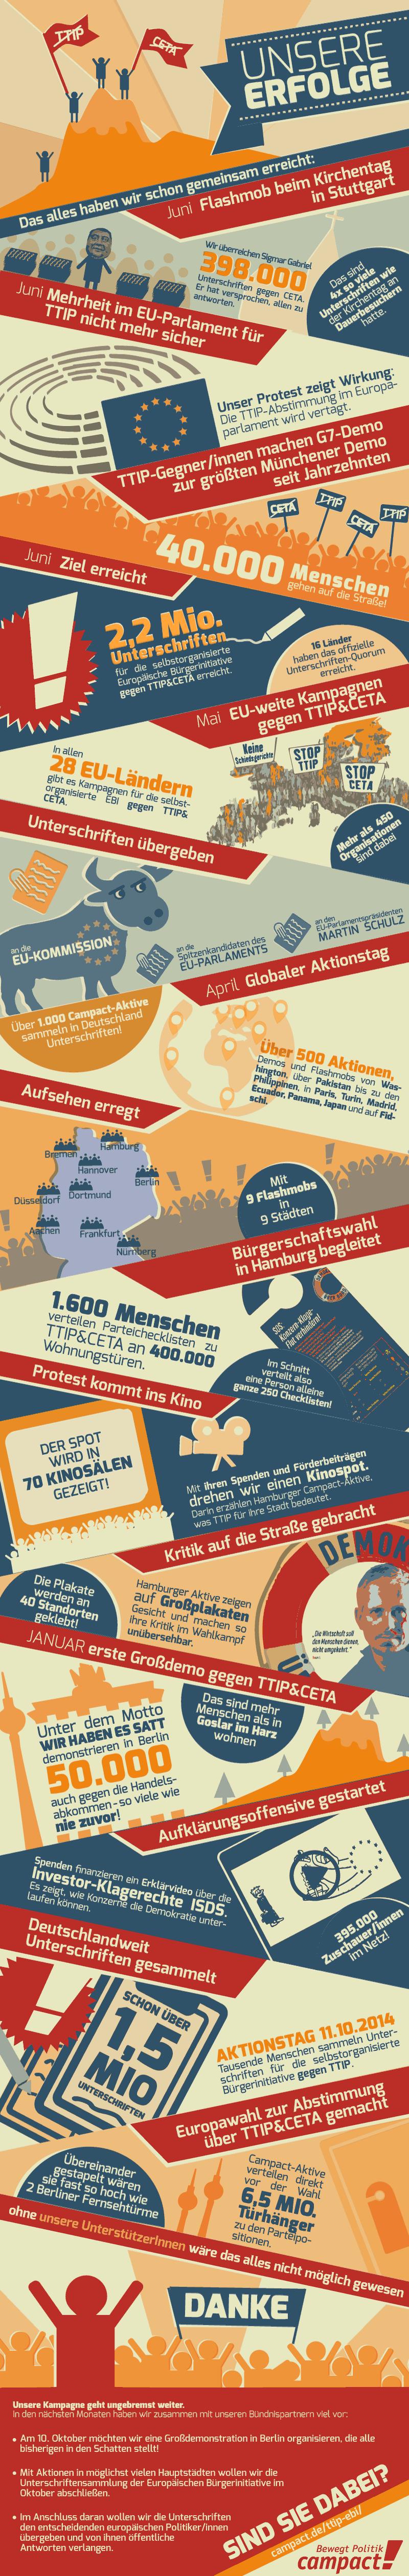 Erfolgsgrafik zum Bürgerprotest gegen TTIP & CETA. Grafik: Campact/Randi Ramme [CC BY-NC 2.0]